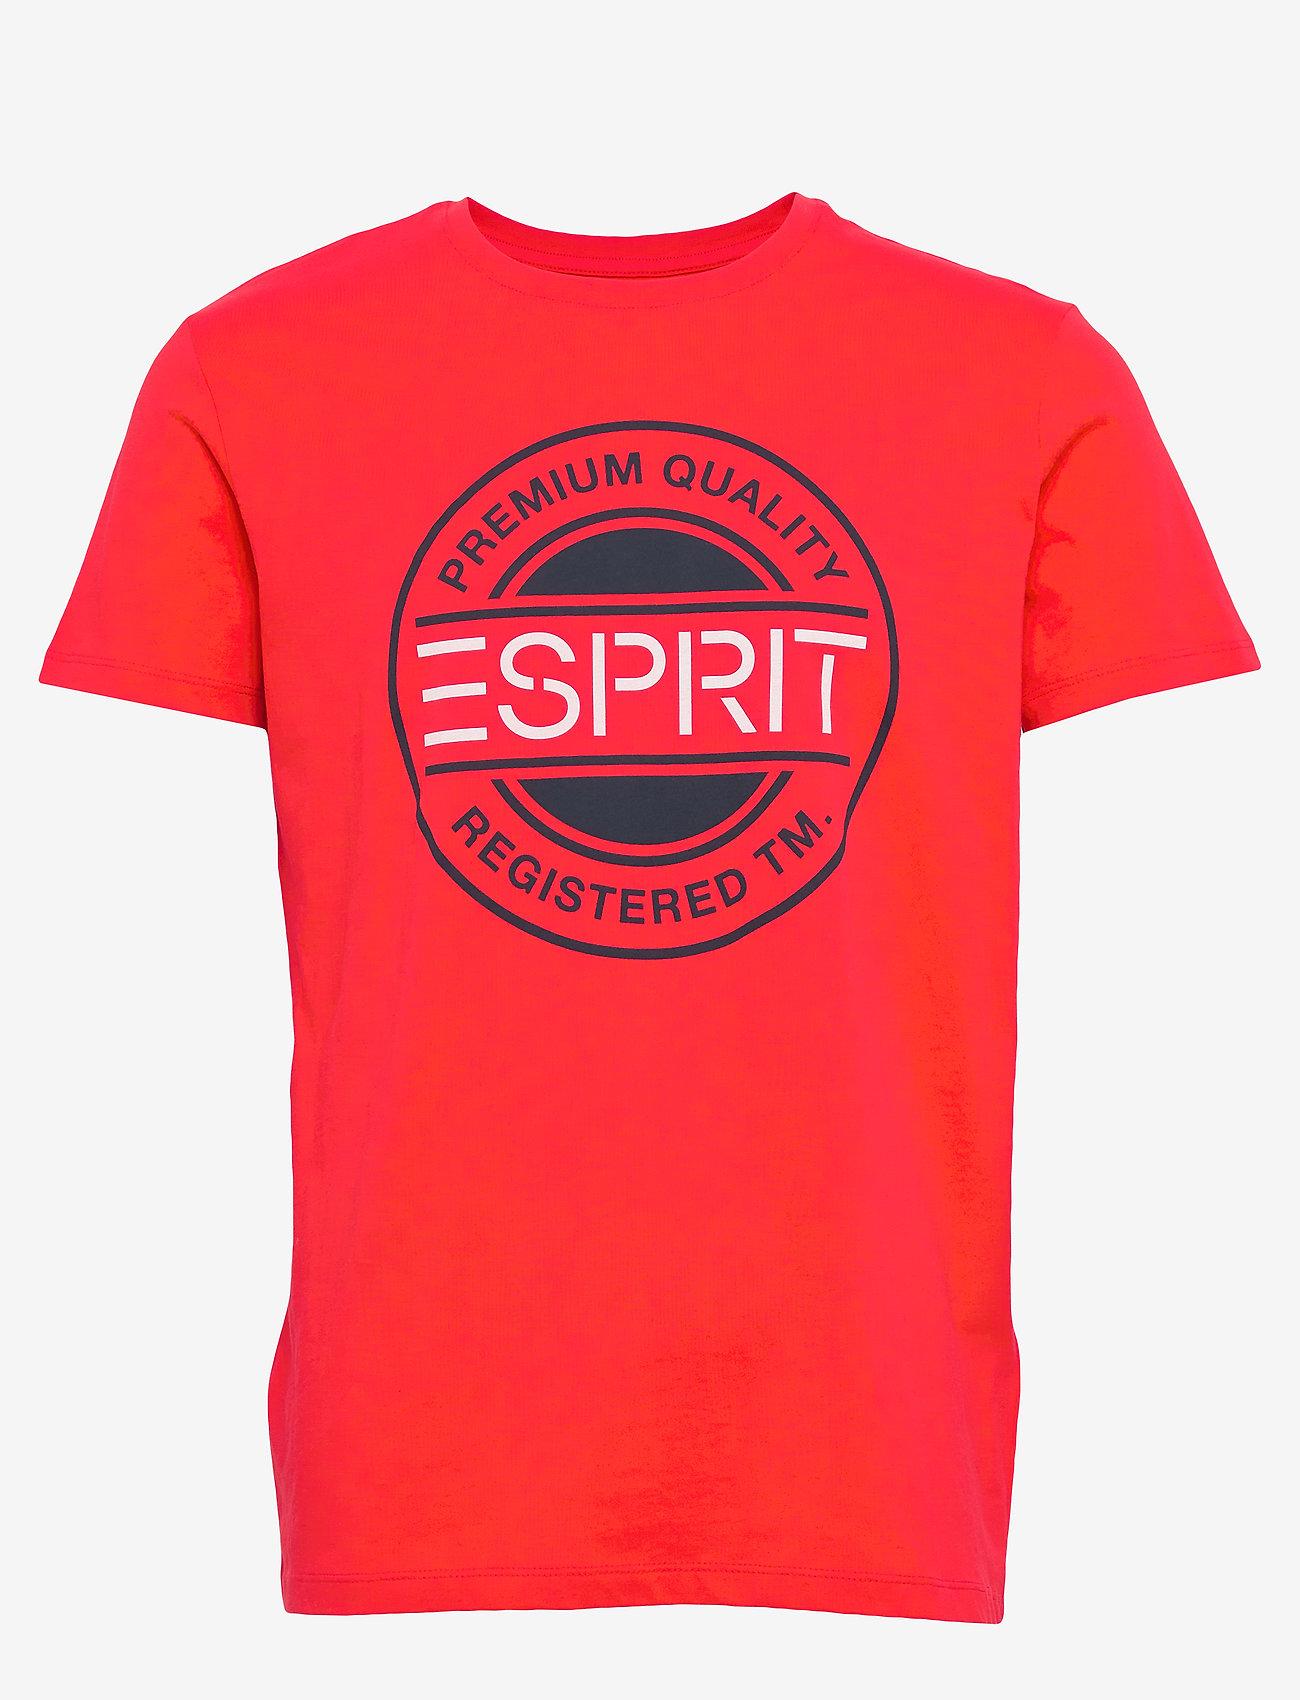 Esprit Casual - T-Shirts - t-shirts à manches courtes - orange red - 0